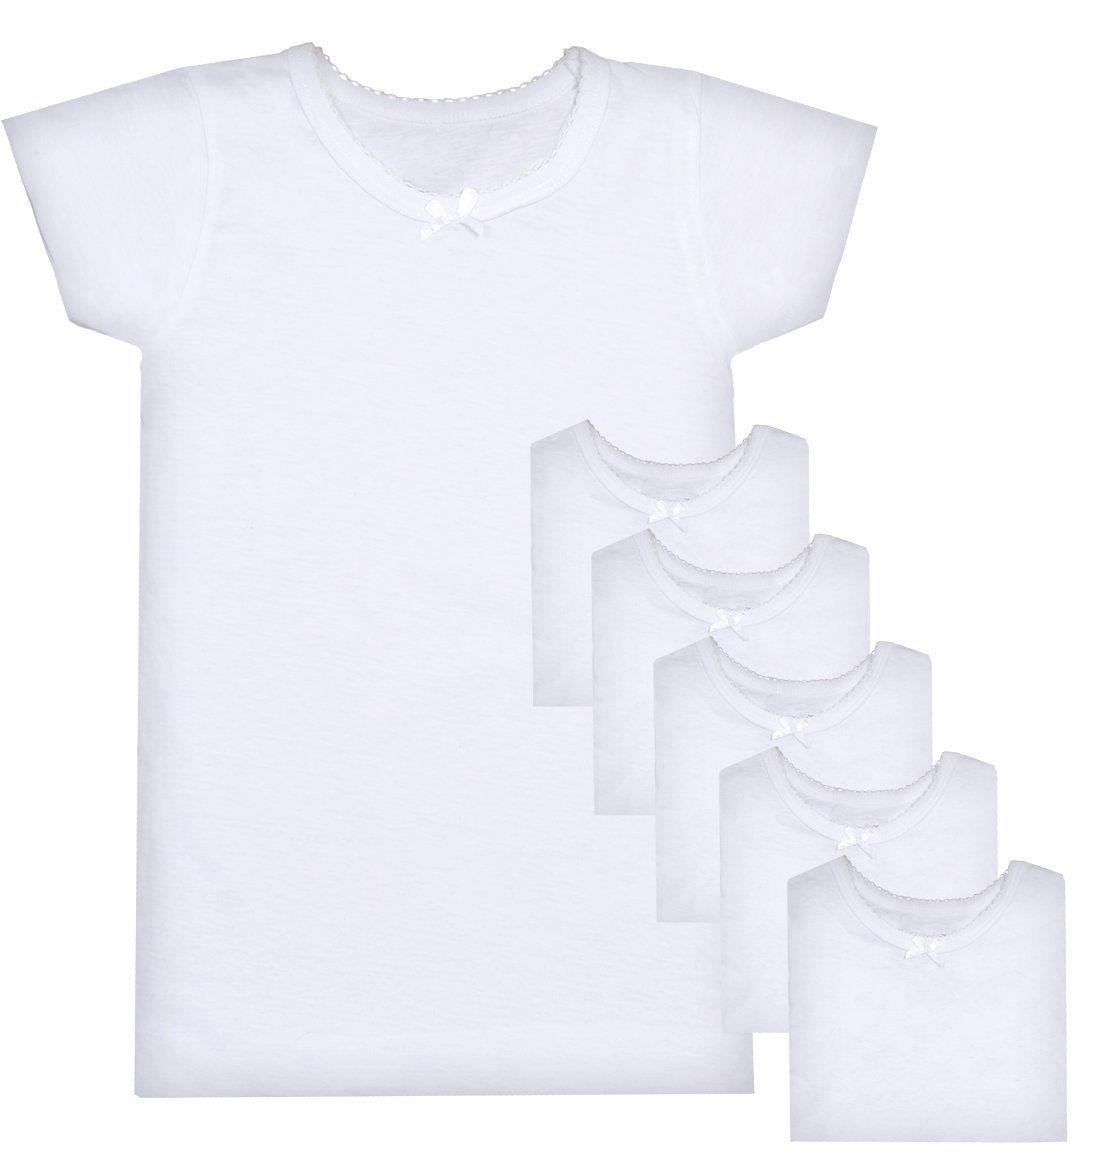 Sweet & Sassy Girls Crewneck Undershirt, White, X-Large/14-16 (Pack Of 6)'